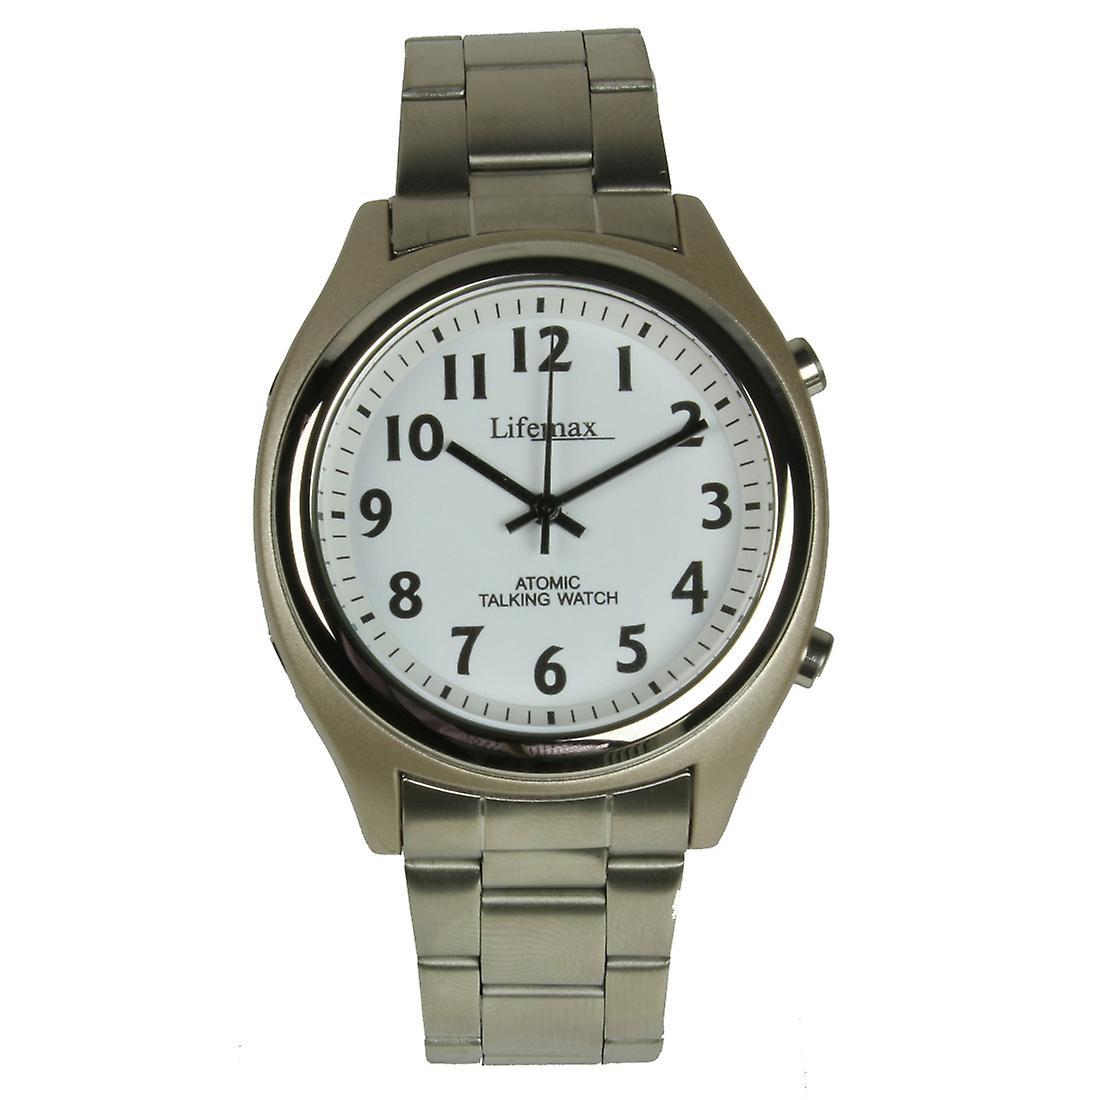 Talking Atomic Watch - Gents Bracelet